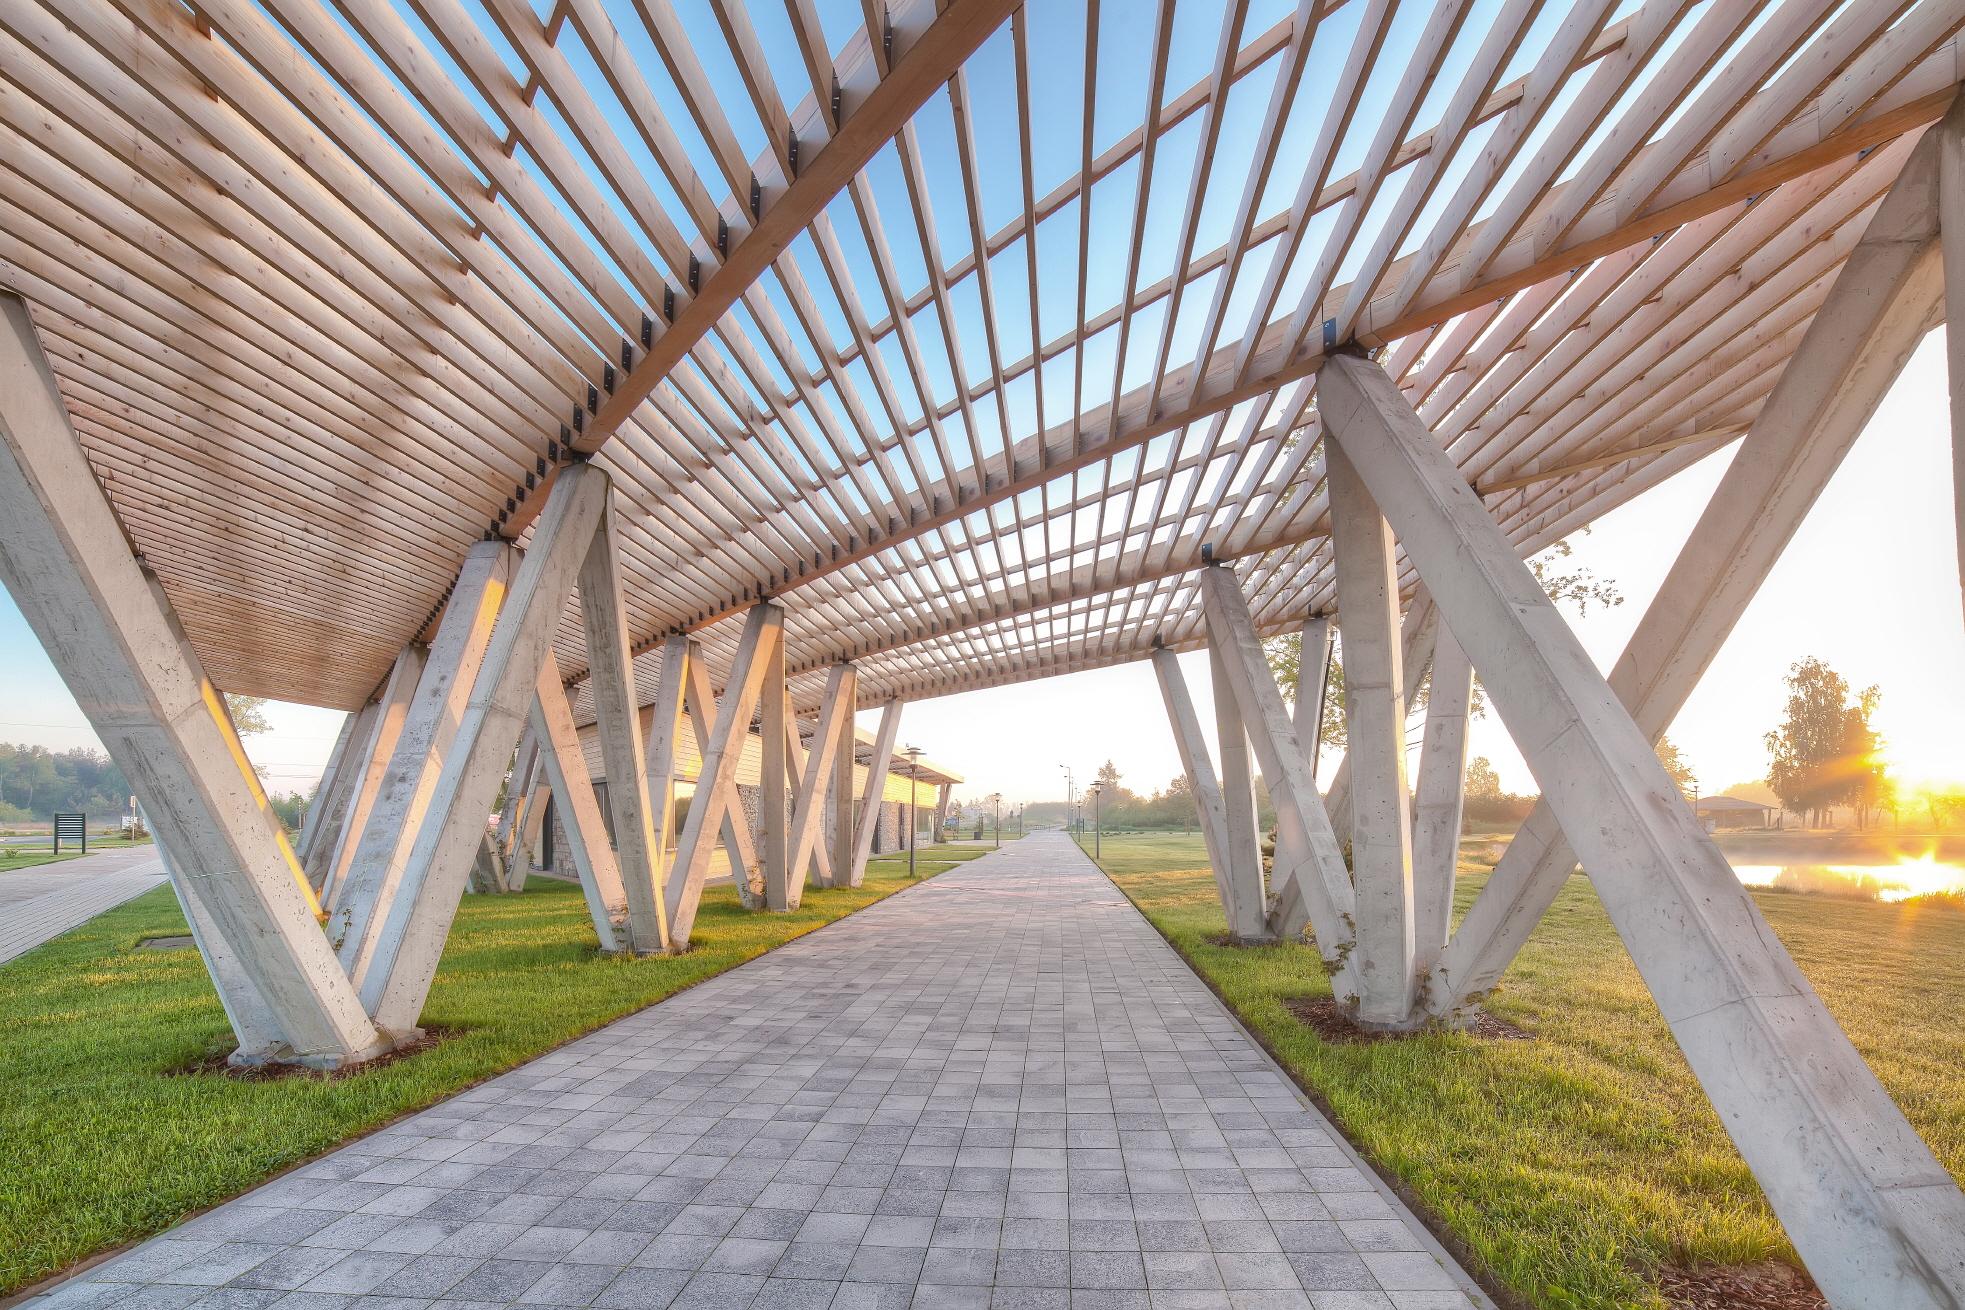 〔안정원의 디자인 칼럼〕 여섯 개의 건물이 생태적 흐름의 자연환경과 조화를 이루다 2